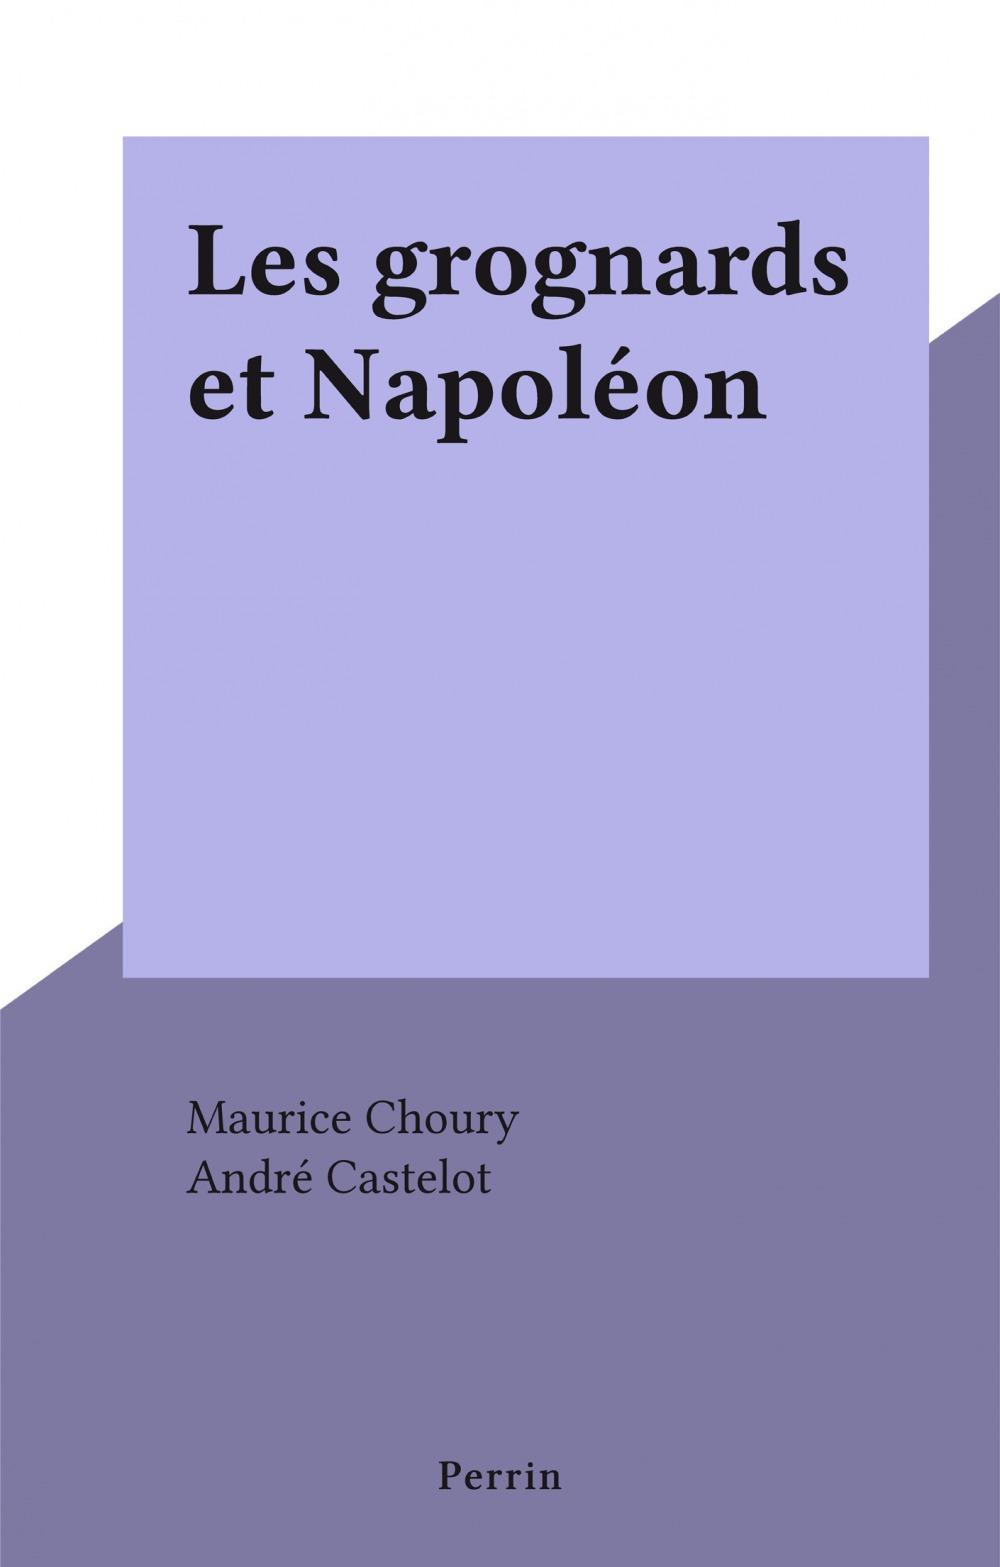 Les grognards et Napoléon